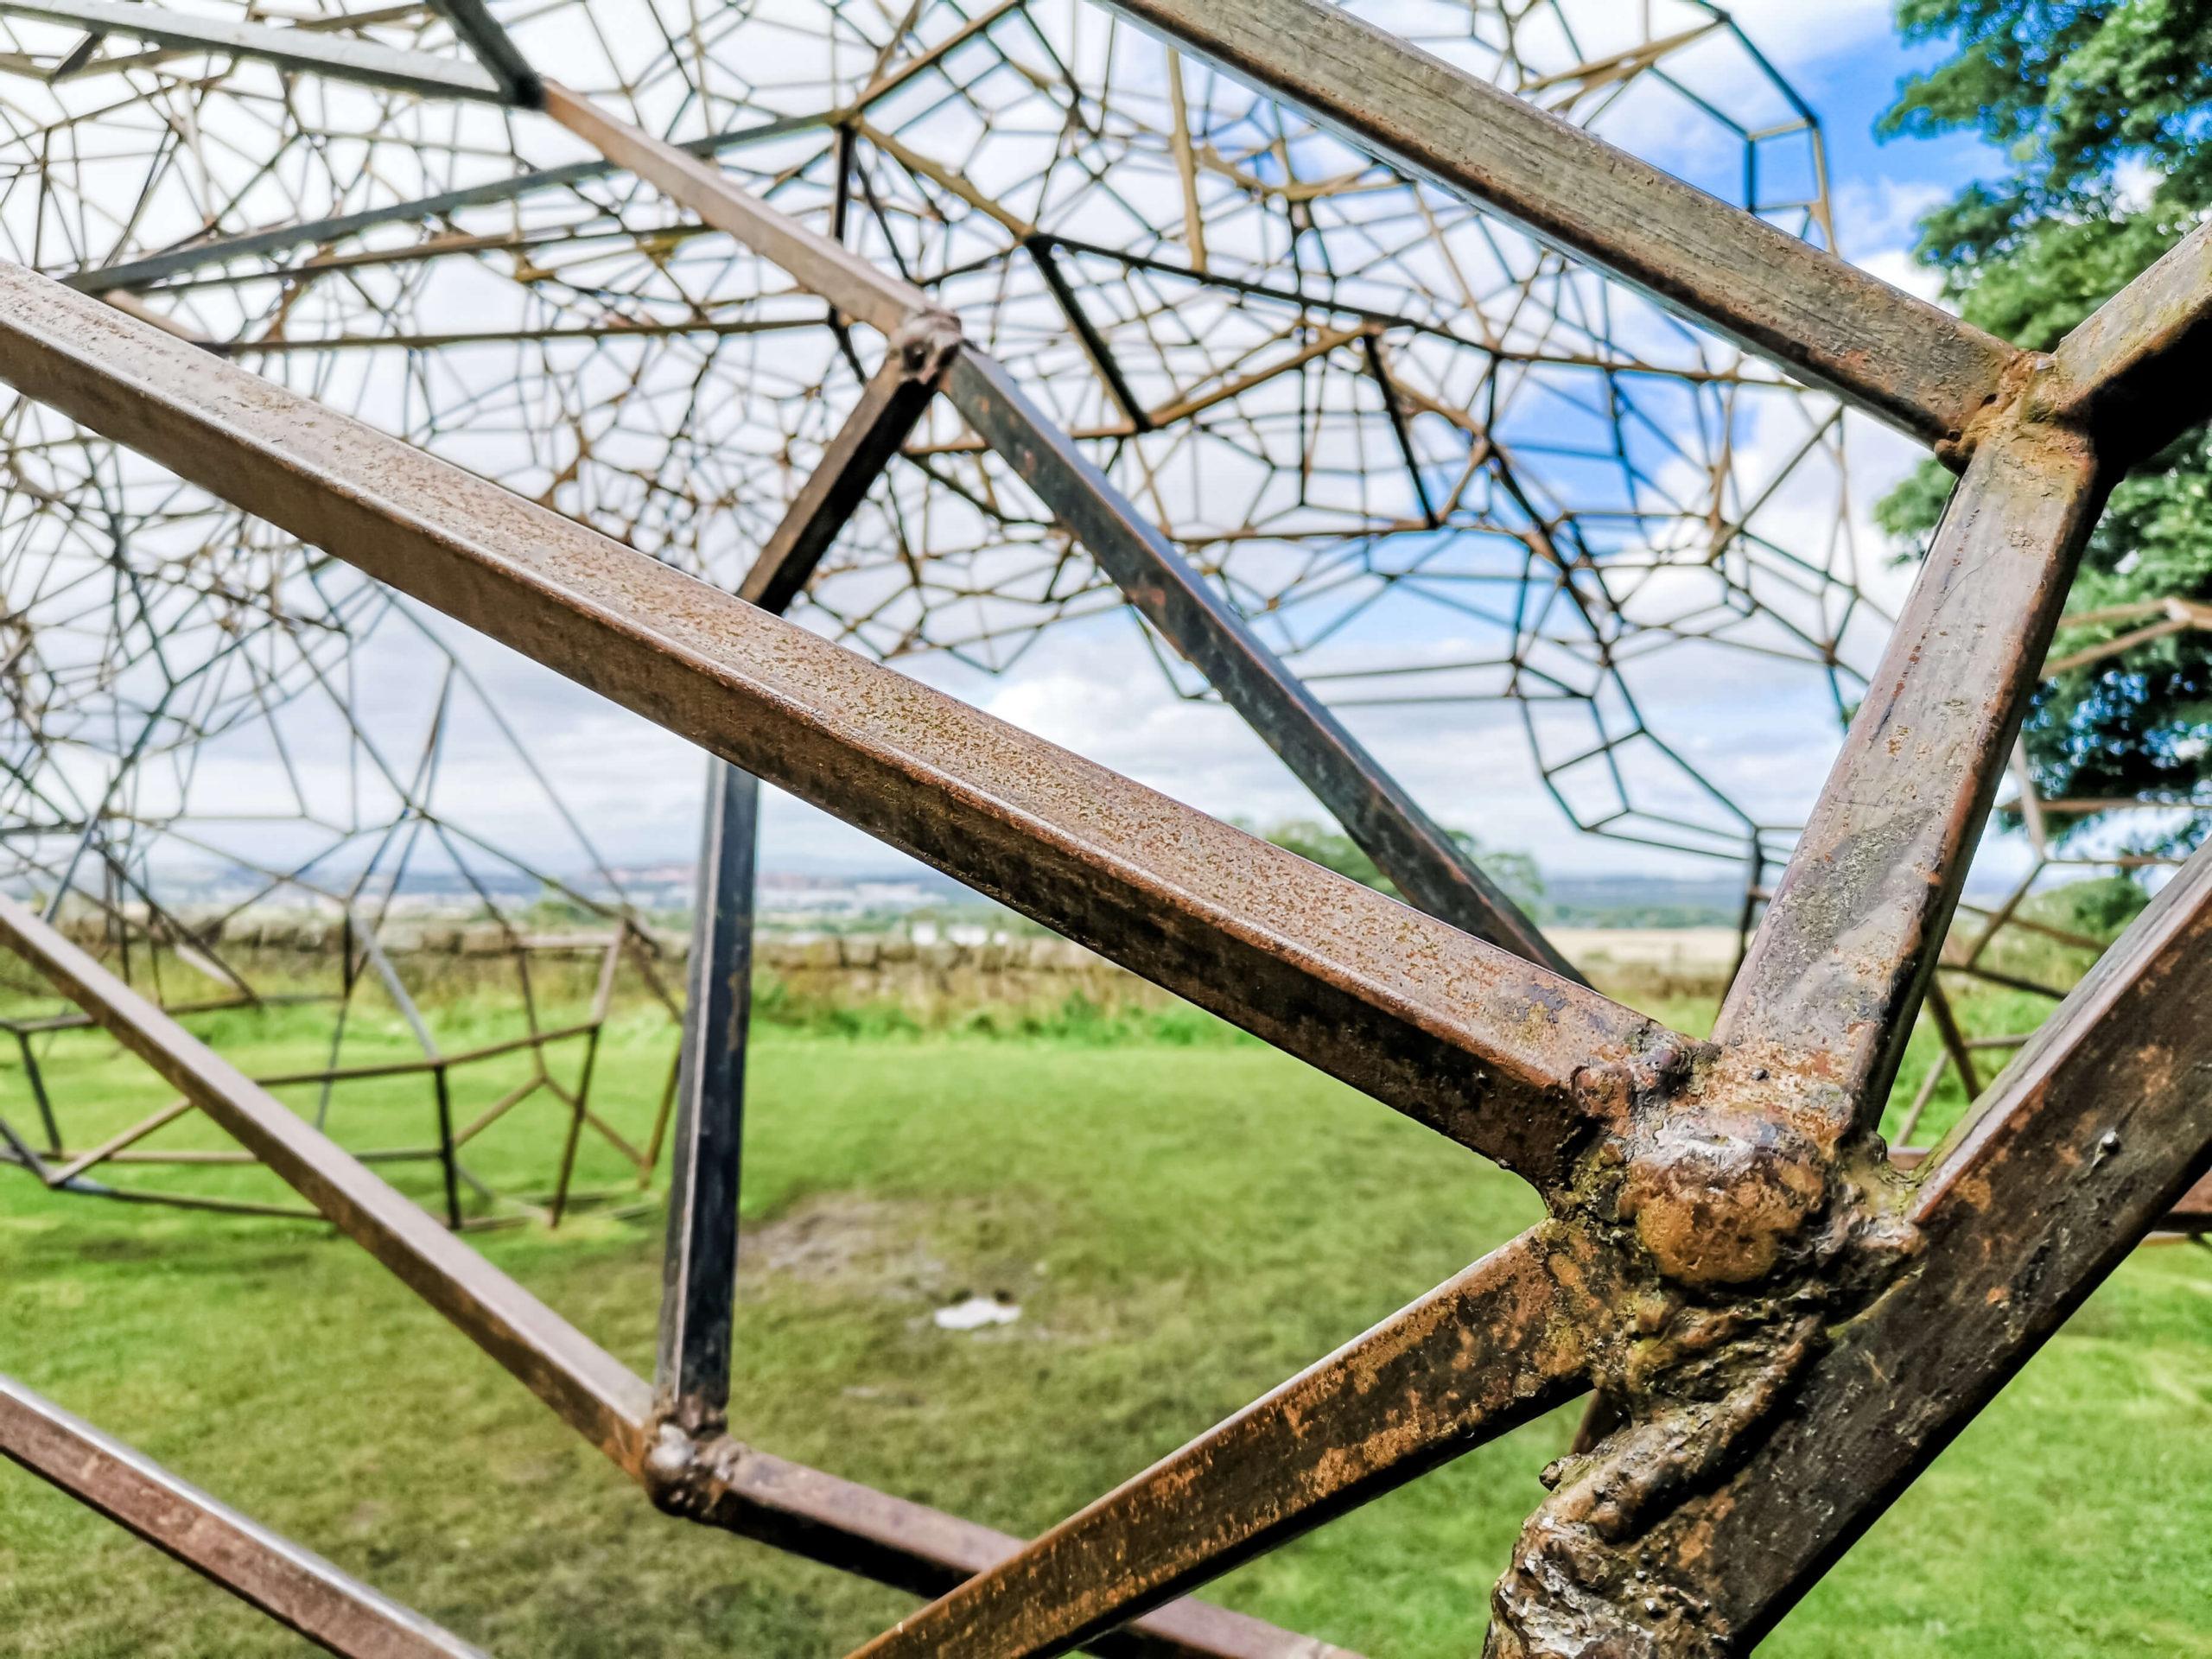 A close up shot of Antony Gormley sculpture called 'Firmament' at Jupiter Artland.